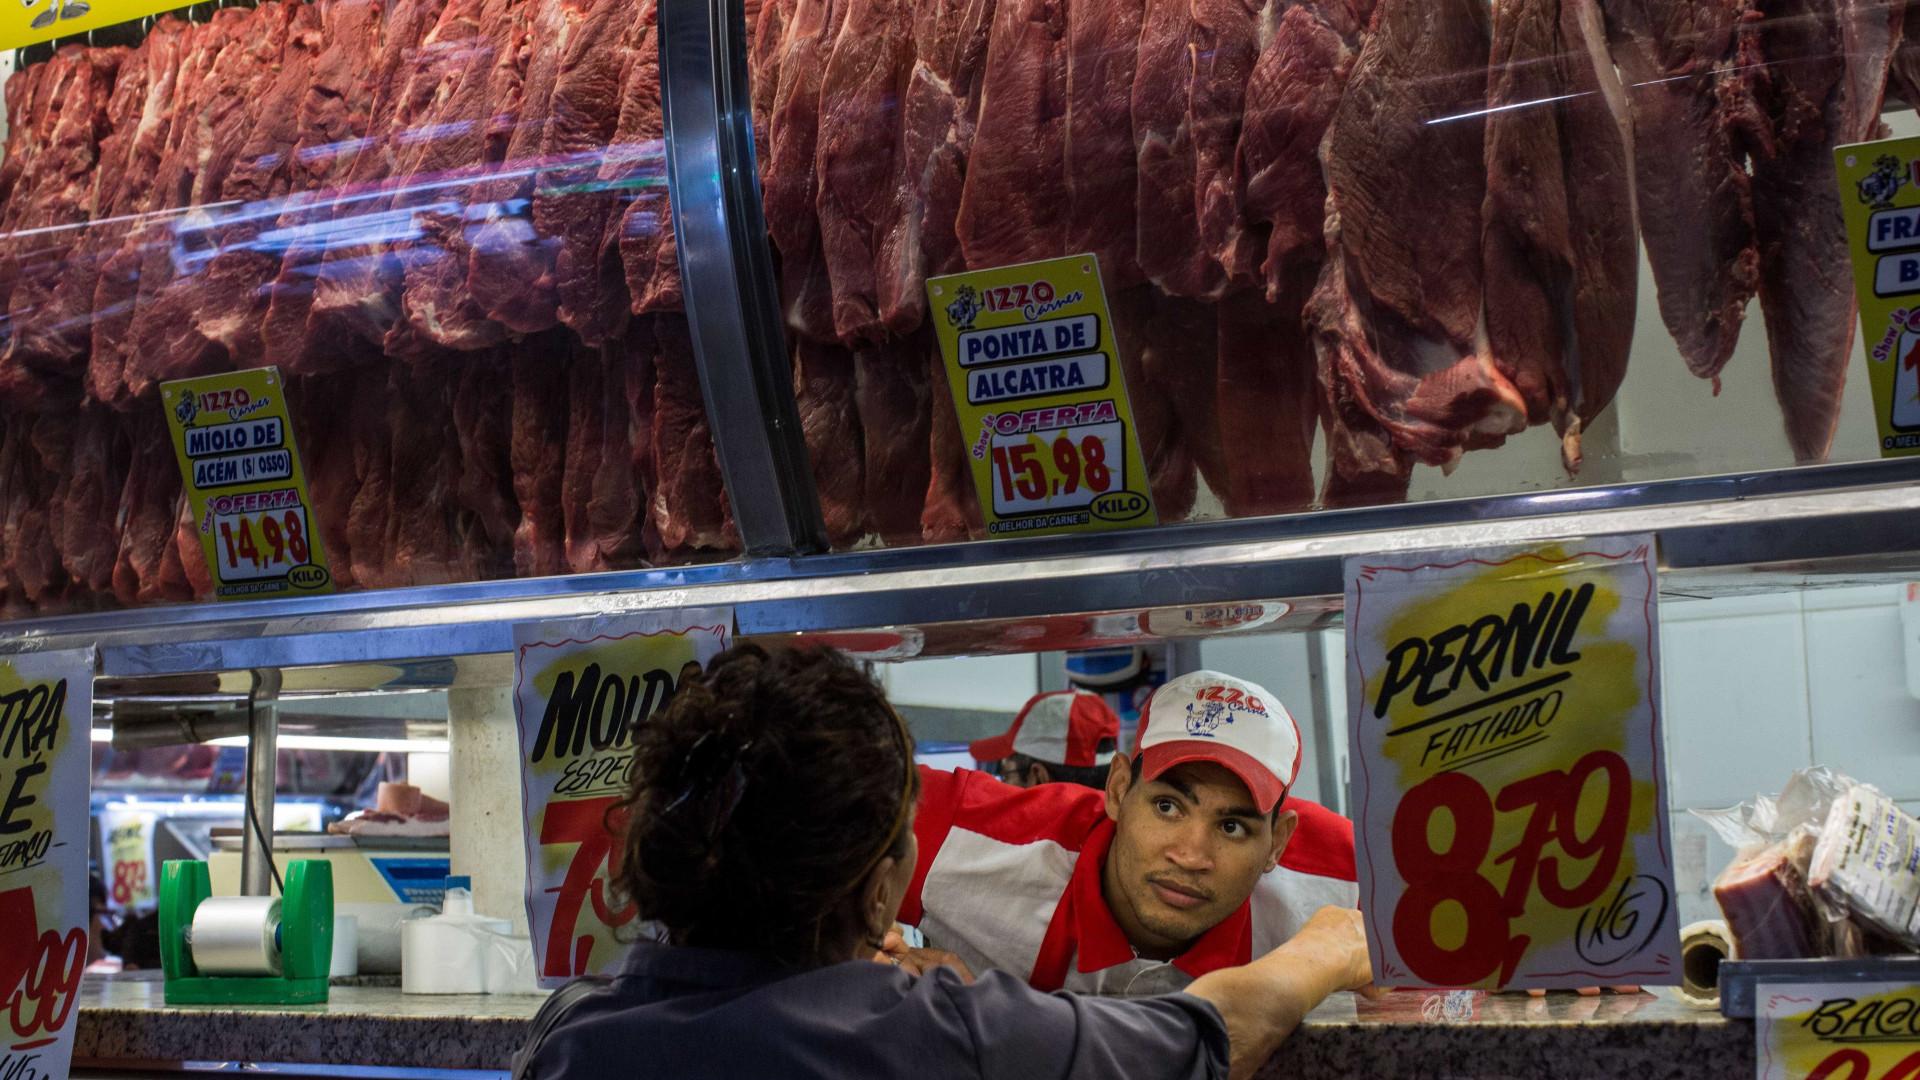 """Carne adulterada: Governo está a acompanhar caso """"com a maior atenção"""""""